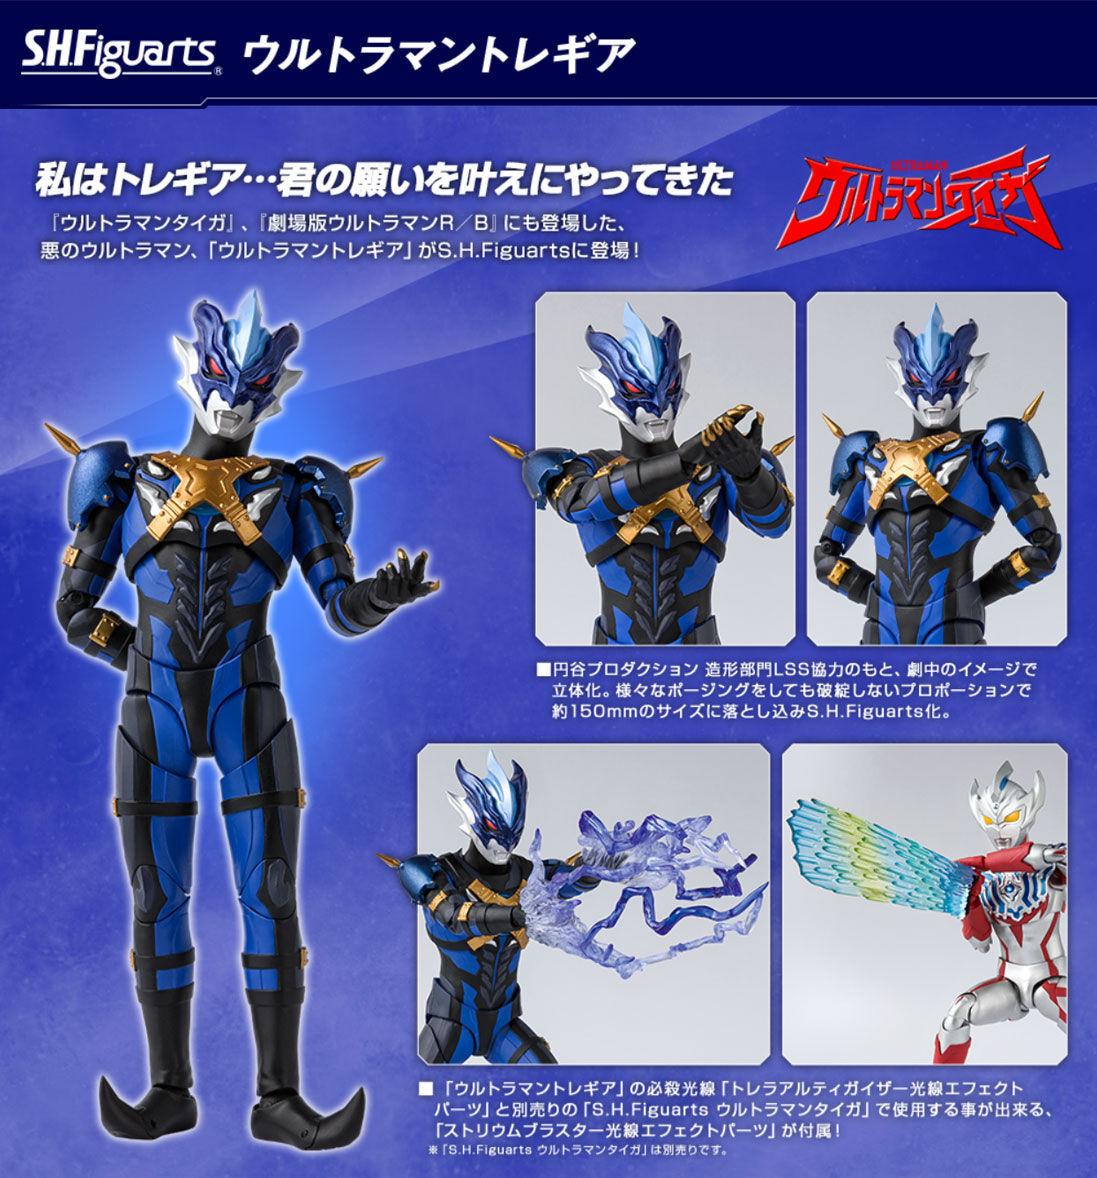 SHF_UltramanTregear_Taiga (P) 000.jpg